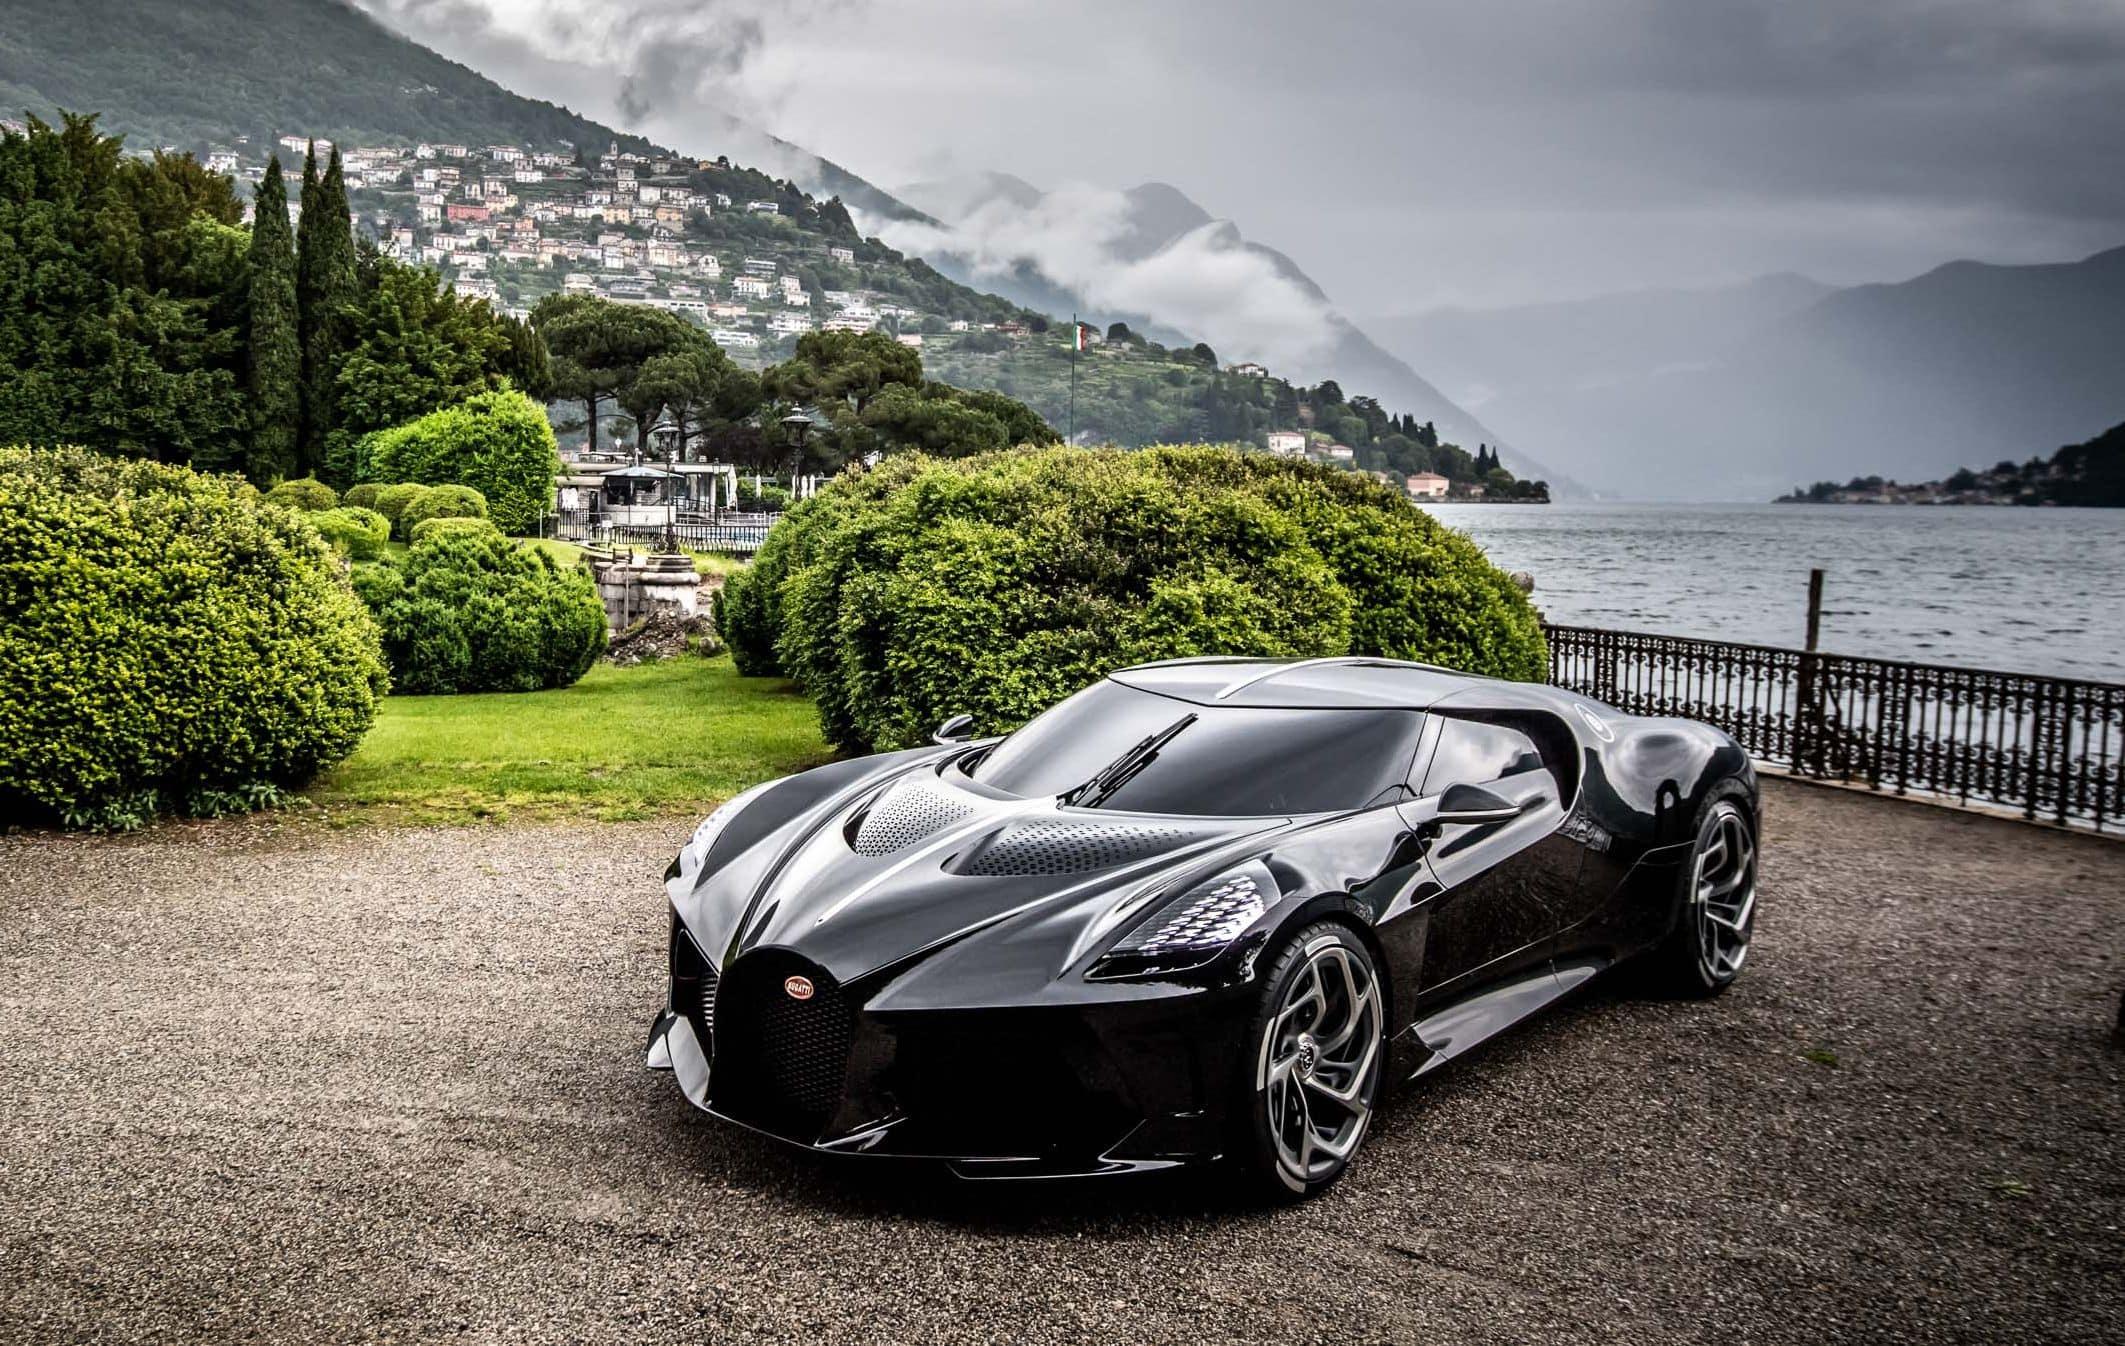 Why is it expensive: The $12 million Bugatti La Voiture Noire